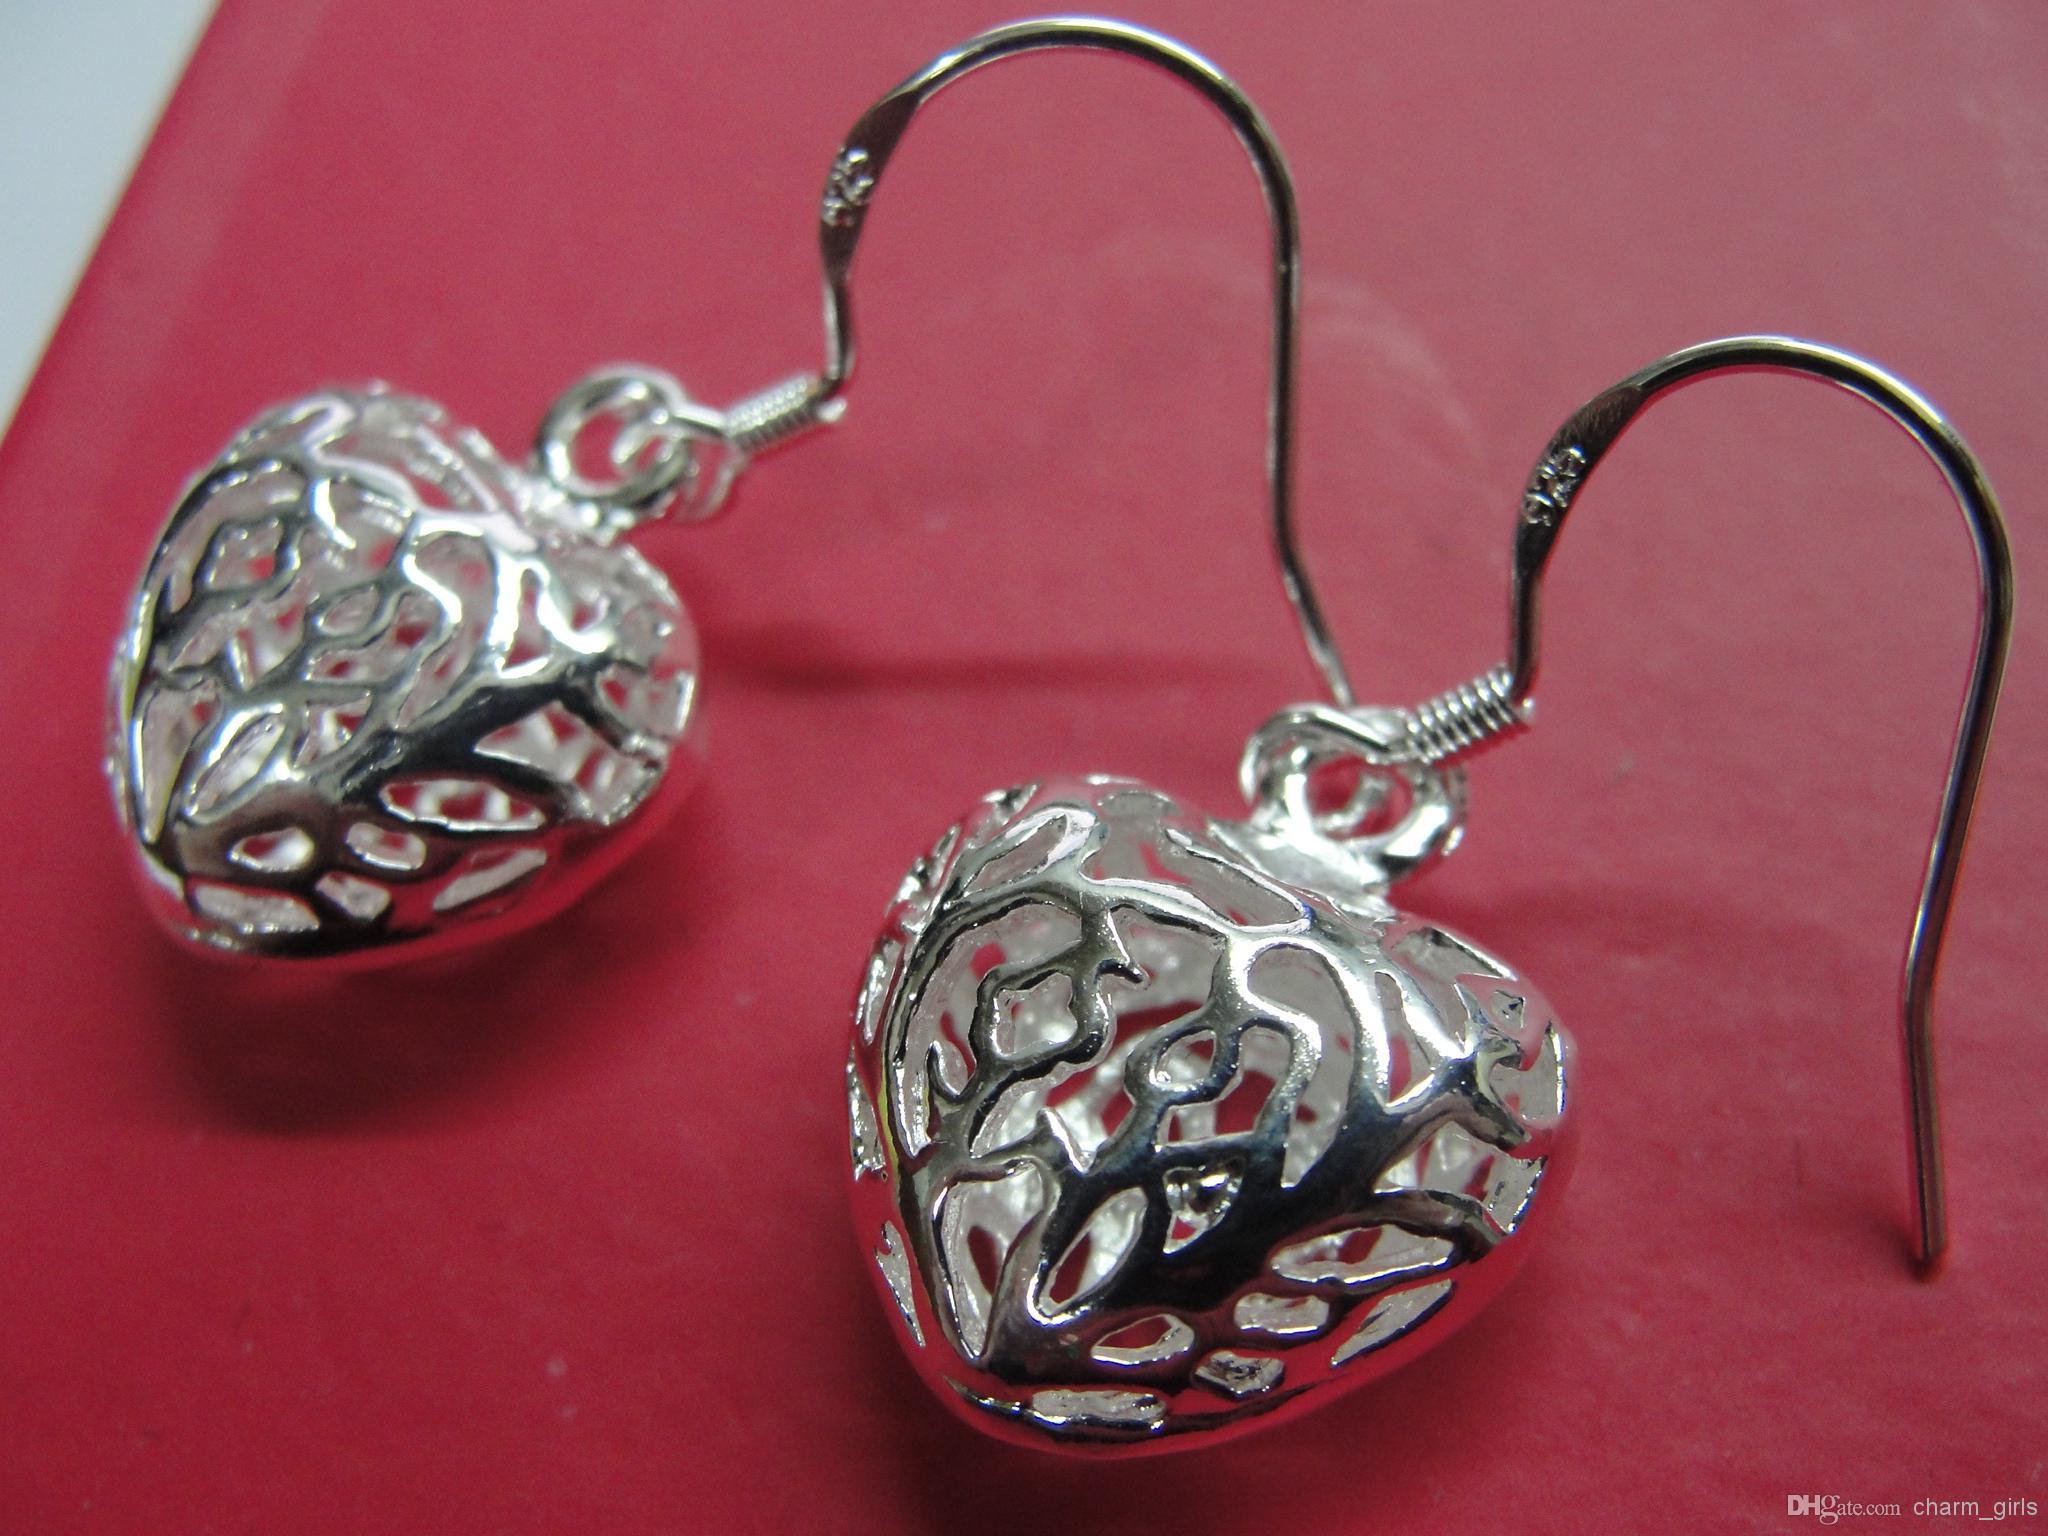 Conjuntos de Jóias de Jóias de coração 925 Prata Colares Brincos Conjunto Preço de Fábrica Design de Moda melhores Presentes / lote